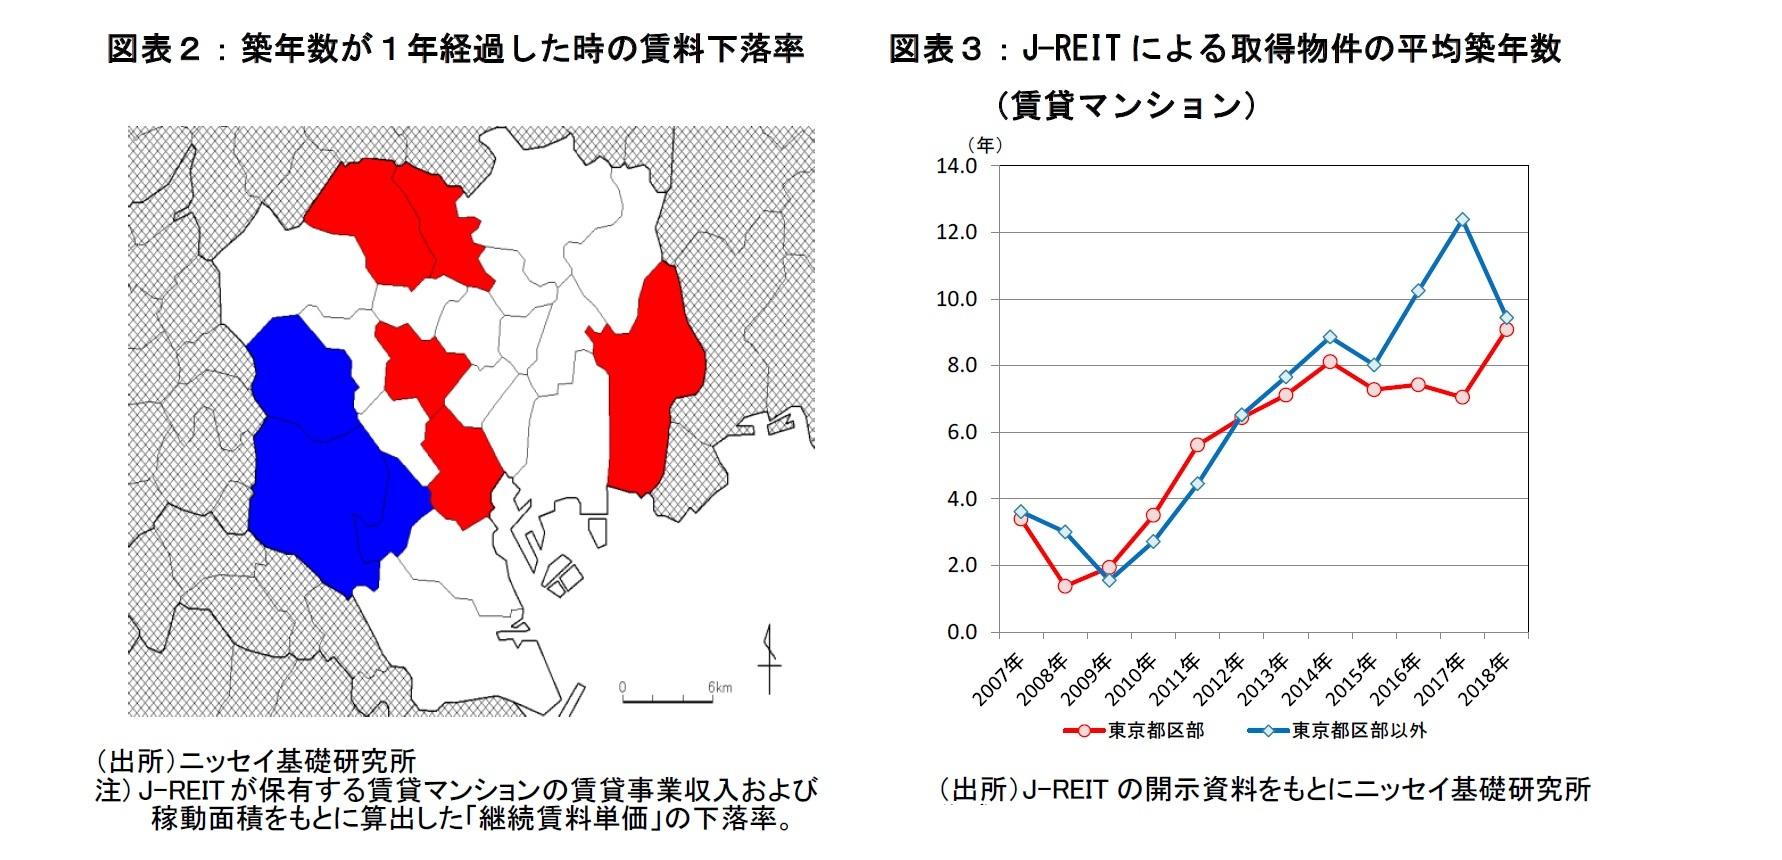 図表2:地区年数が1年経過したときの賃料下落率  図表3:J-REITにより取得物件の平均築年数